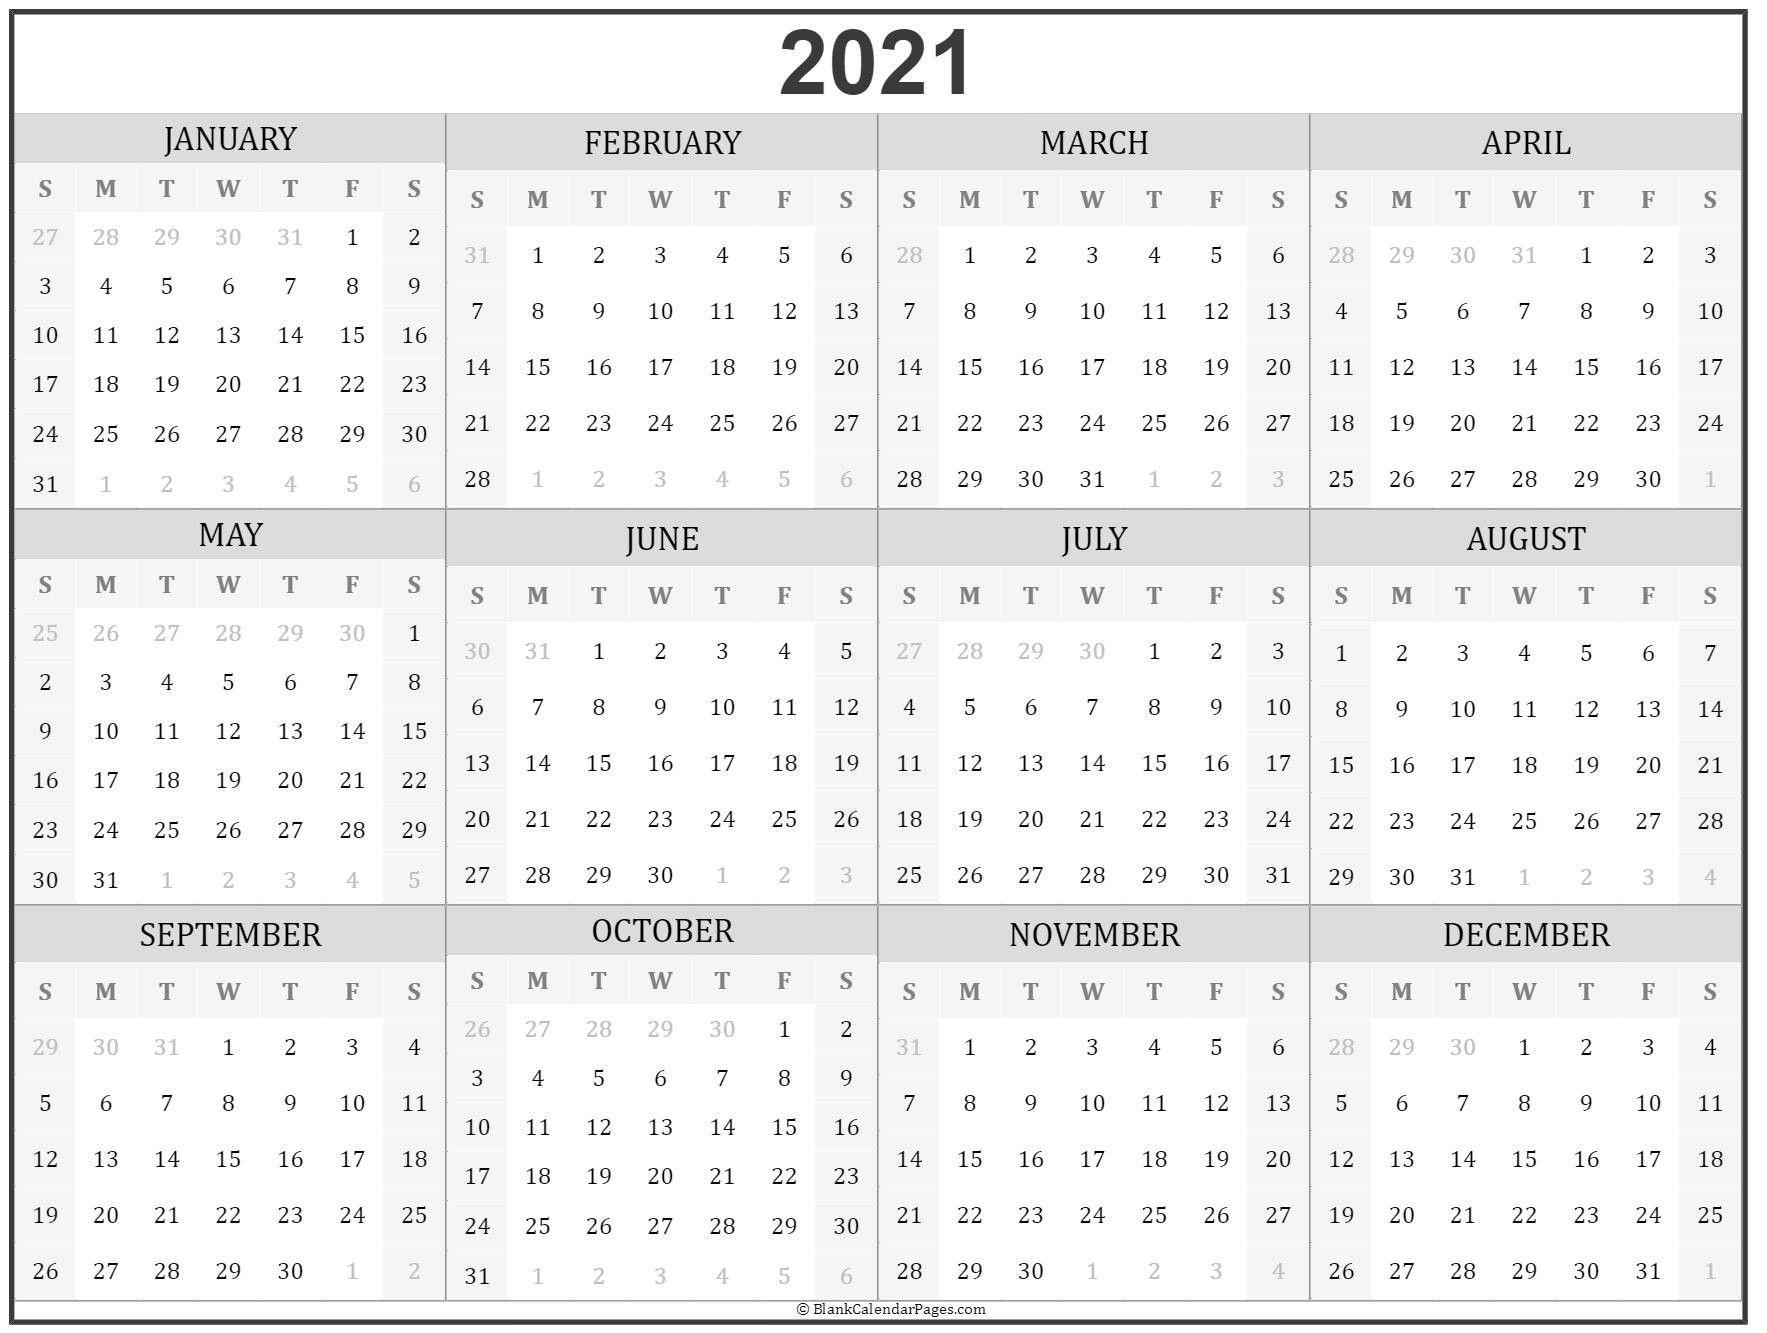 2021 Year Calendar 2021 Year Calendar 2021 Year Calendar Printable 3 Months At A Time Calendar 2021